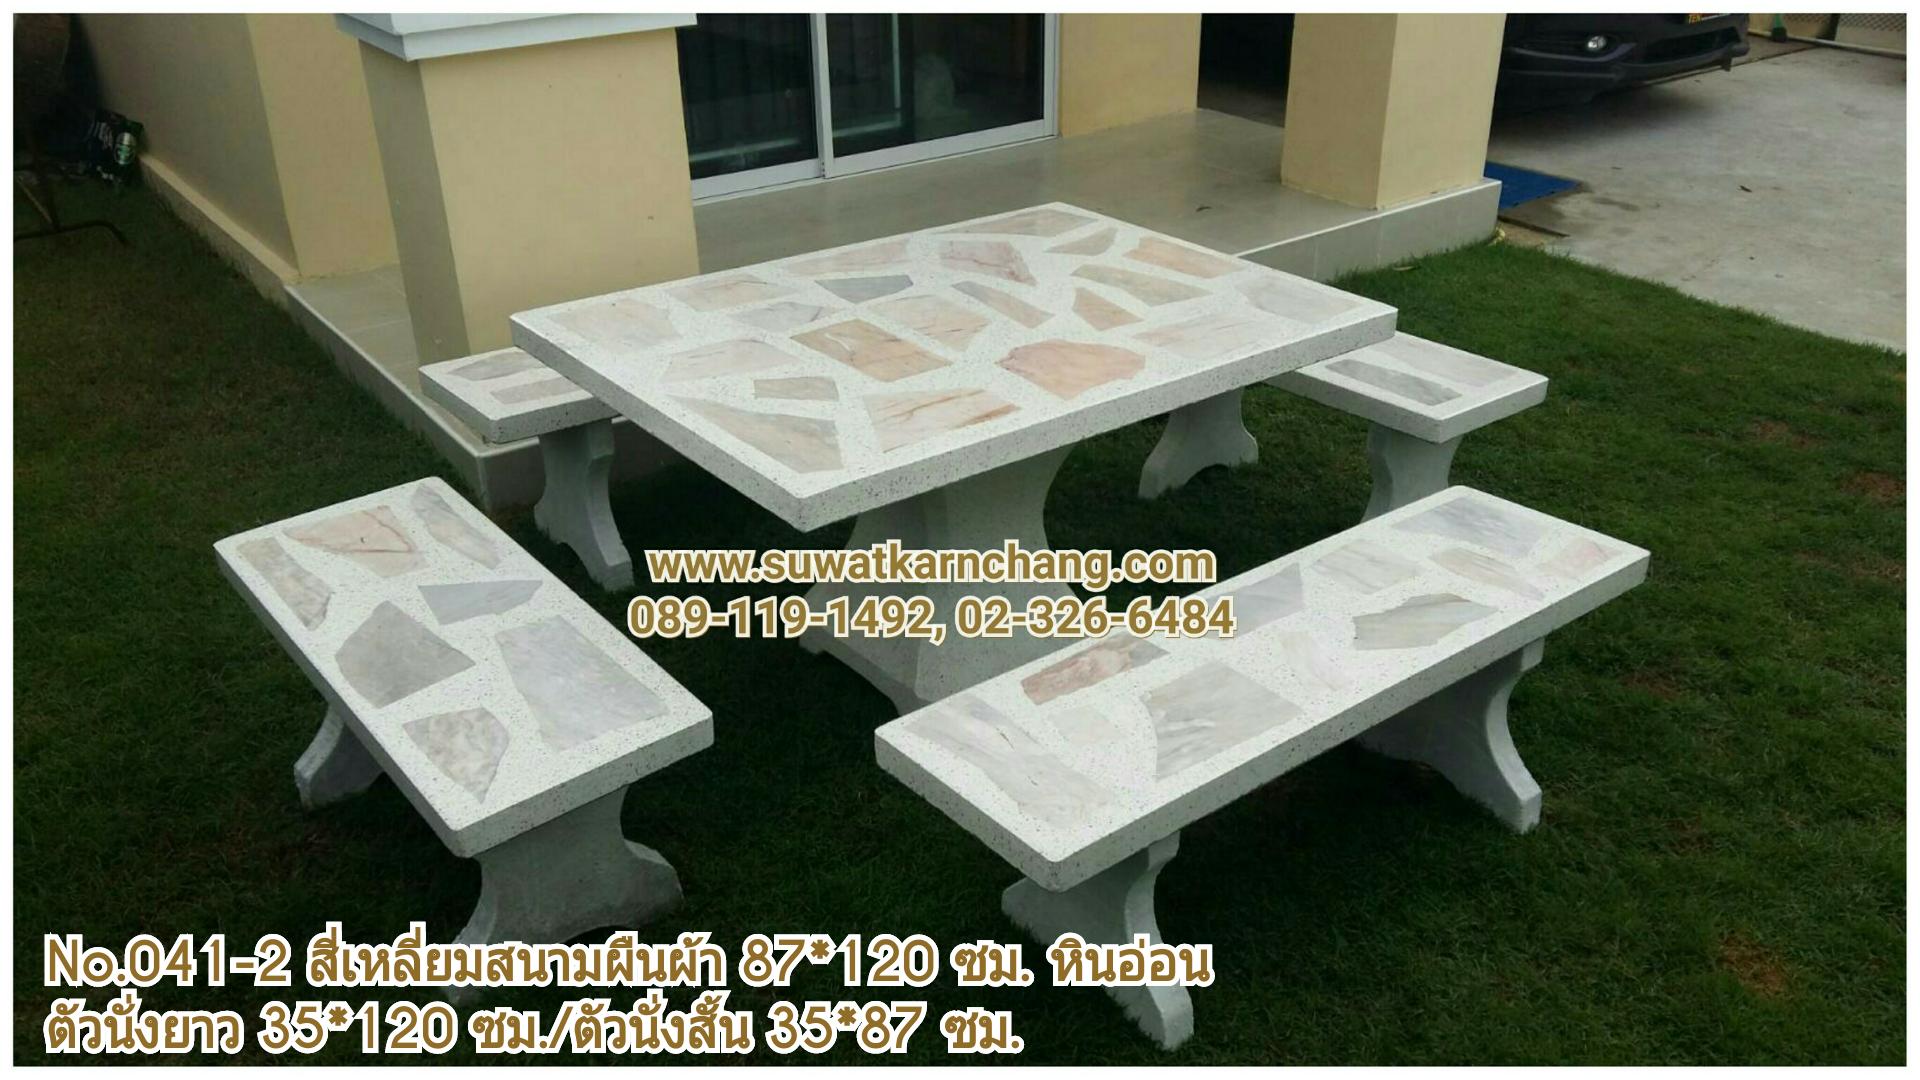 โต๊ะสี่เหลี่ยมสนามผืนผ้าหินอ่อน หน้า 87*120 ซม.